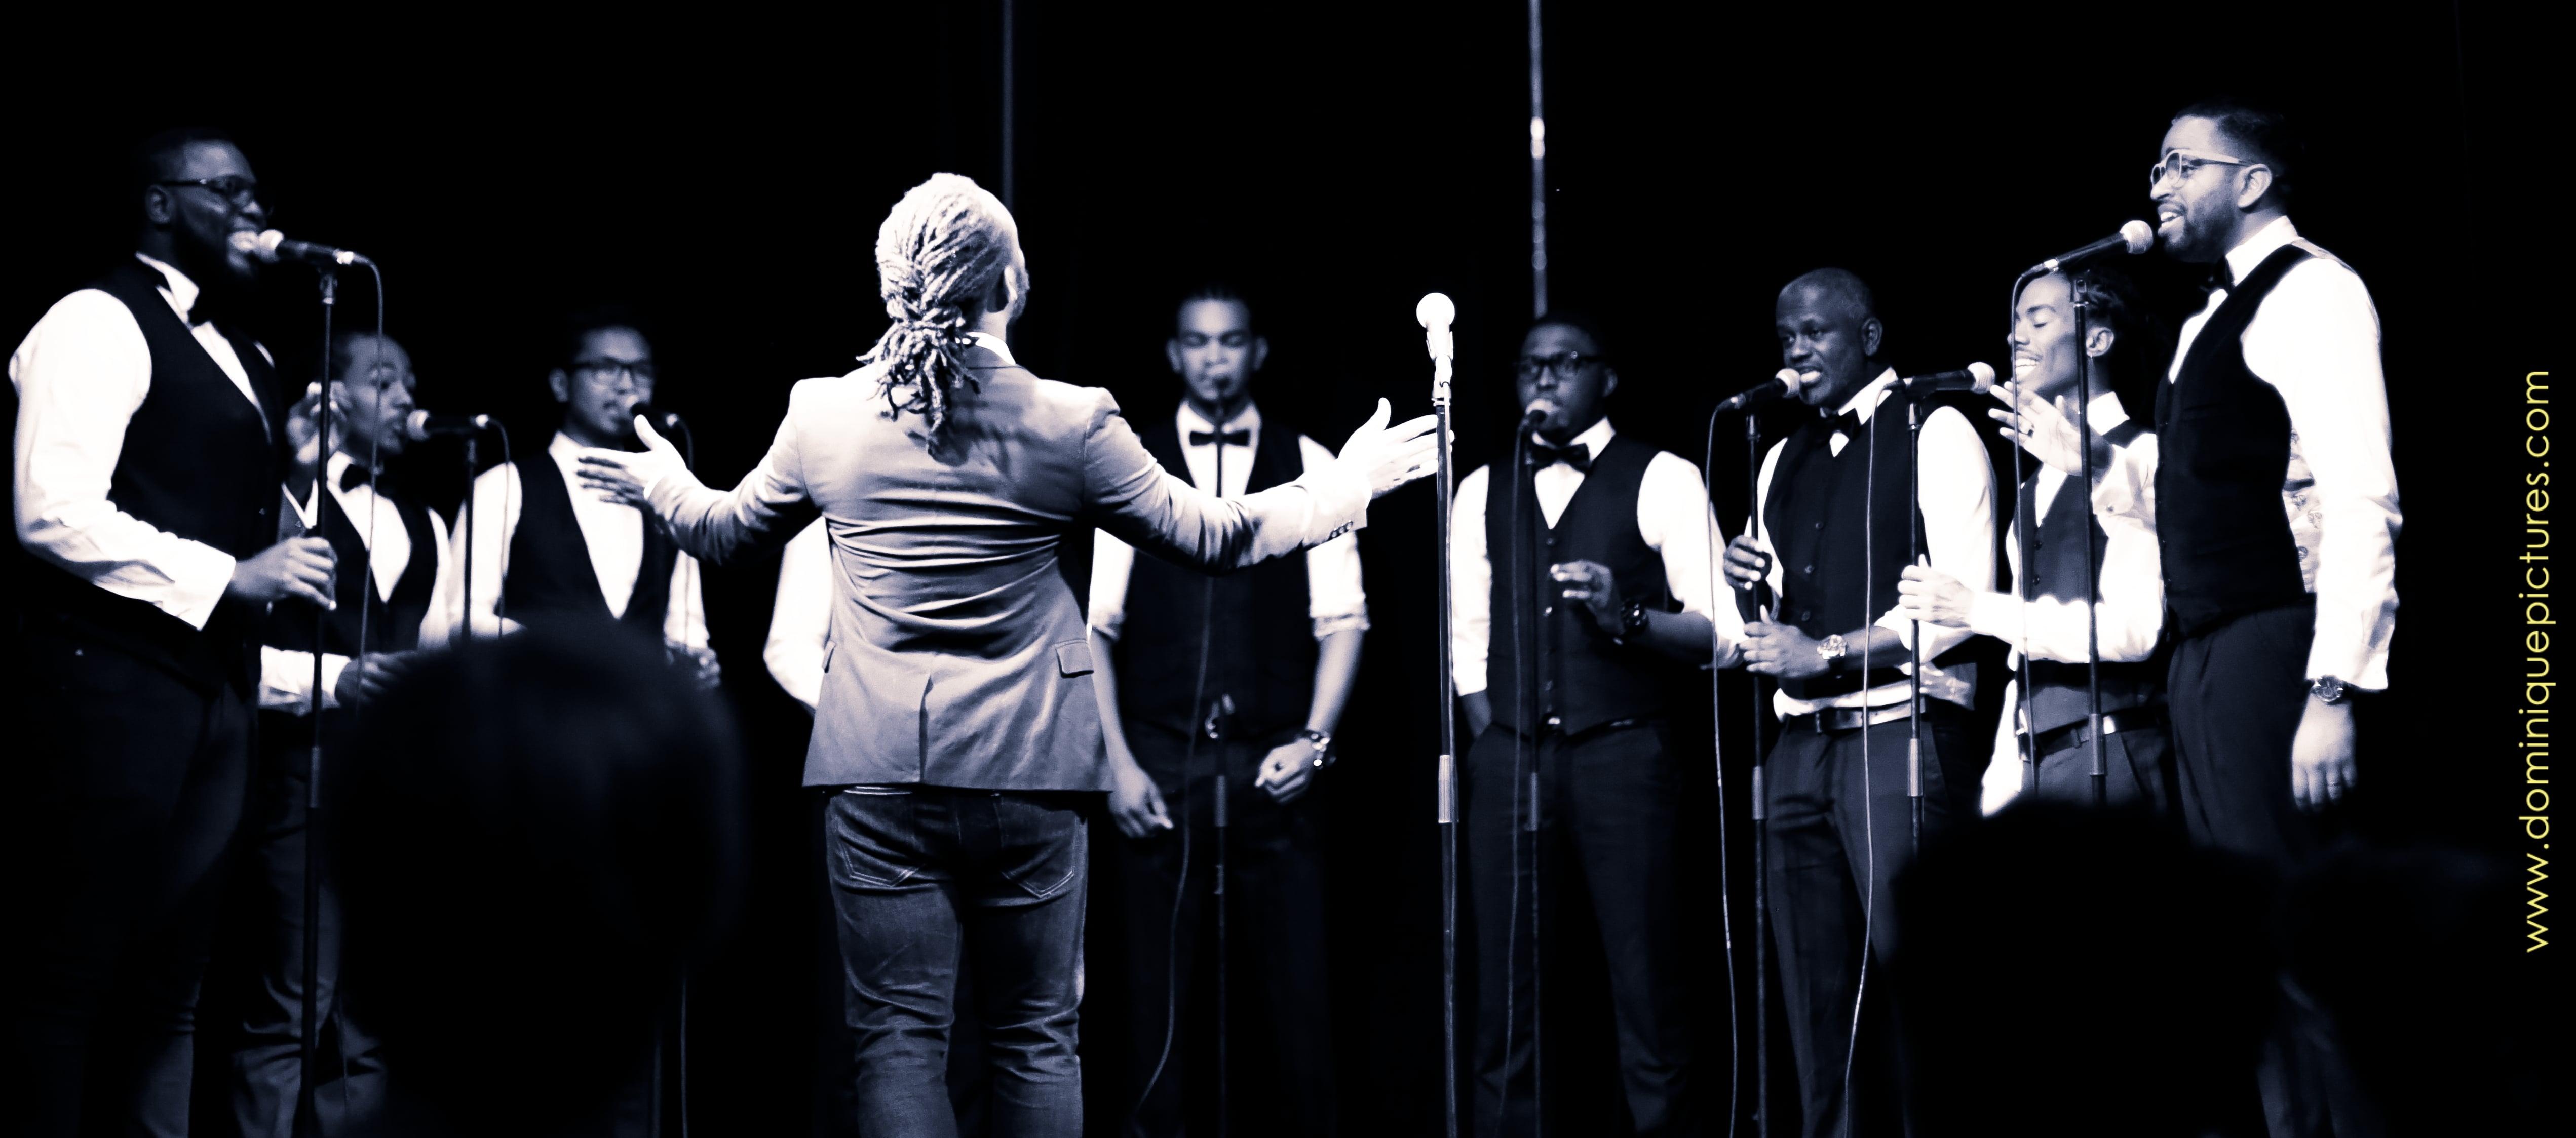 groupe gospel tribute of gospel